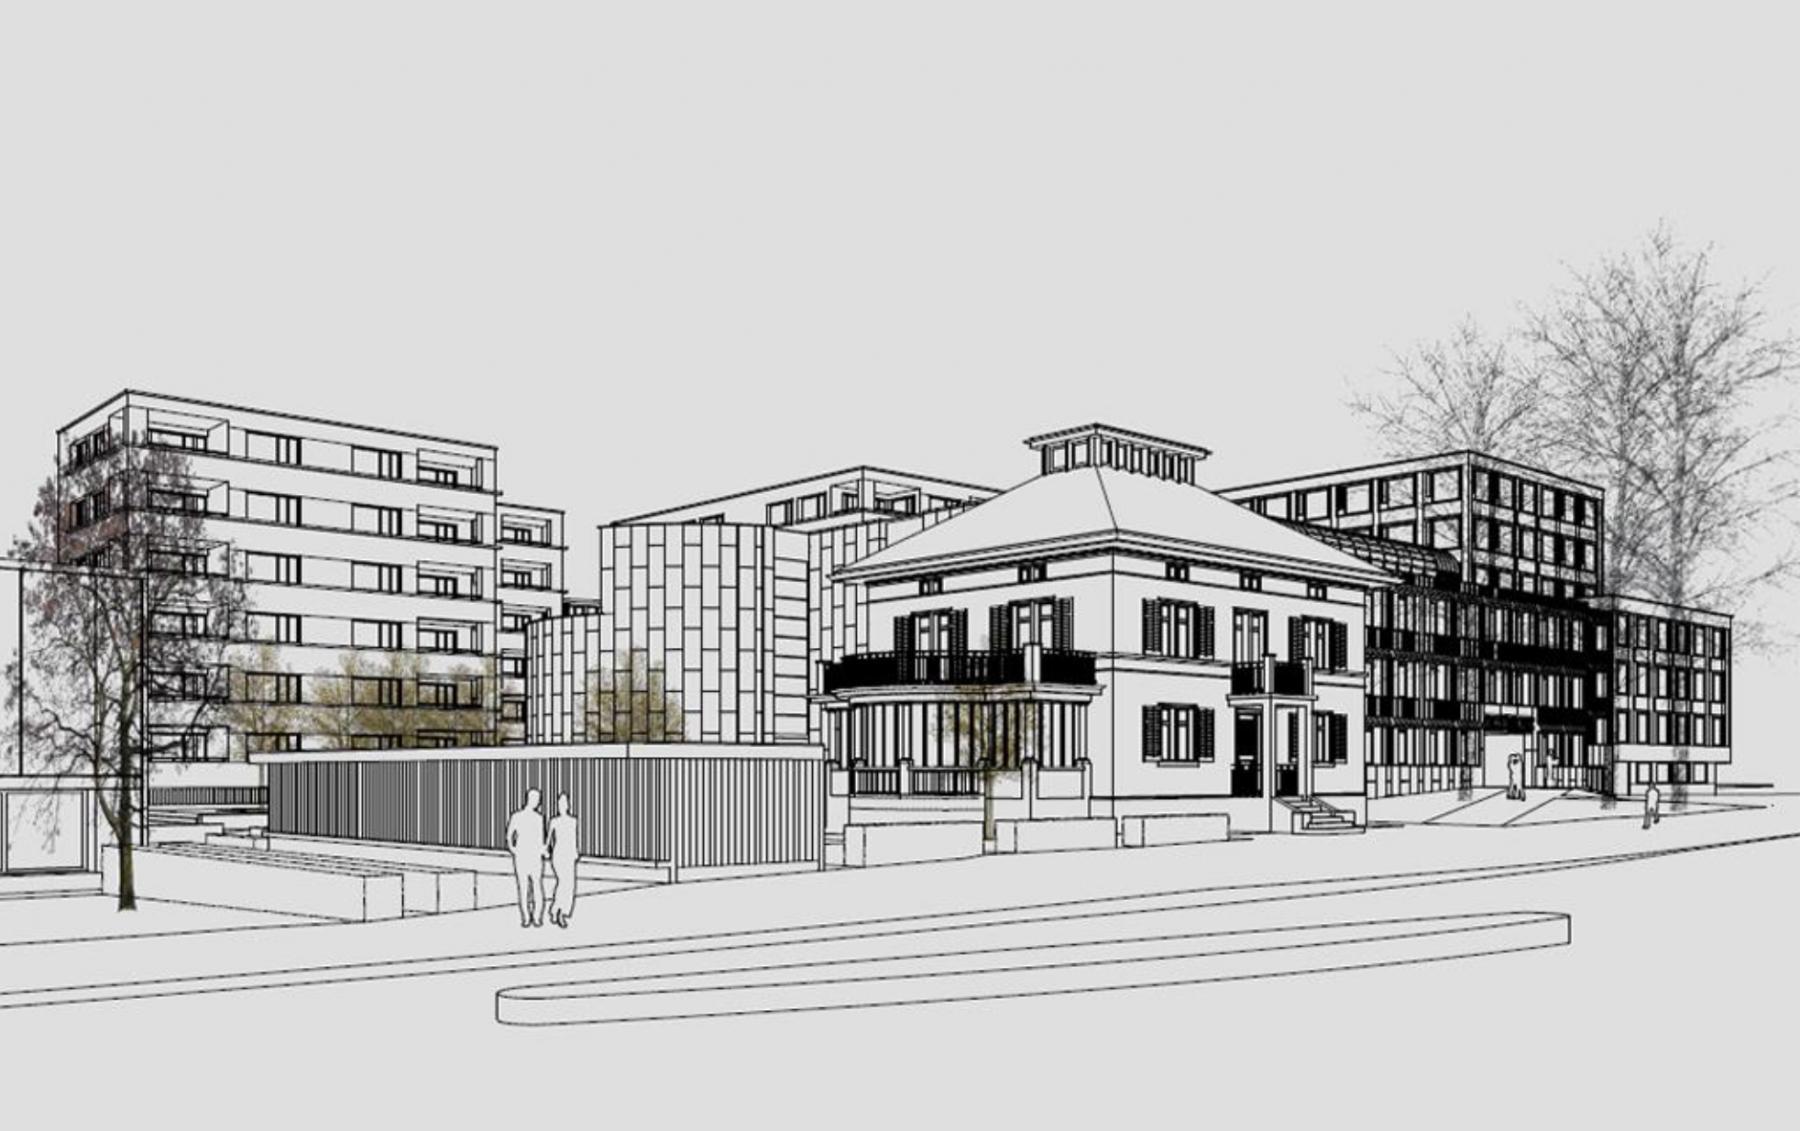 Erweiterung Stadthaus, Post, Wohnbauten Hirschwiesenstrasse in Wetzikon, Hodel Architekten